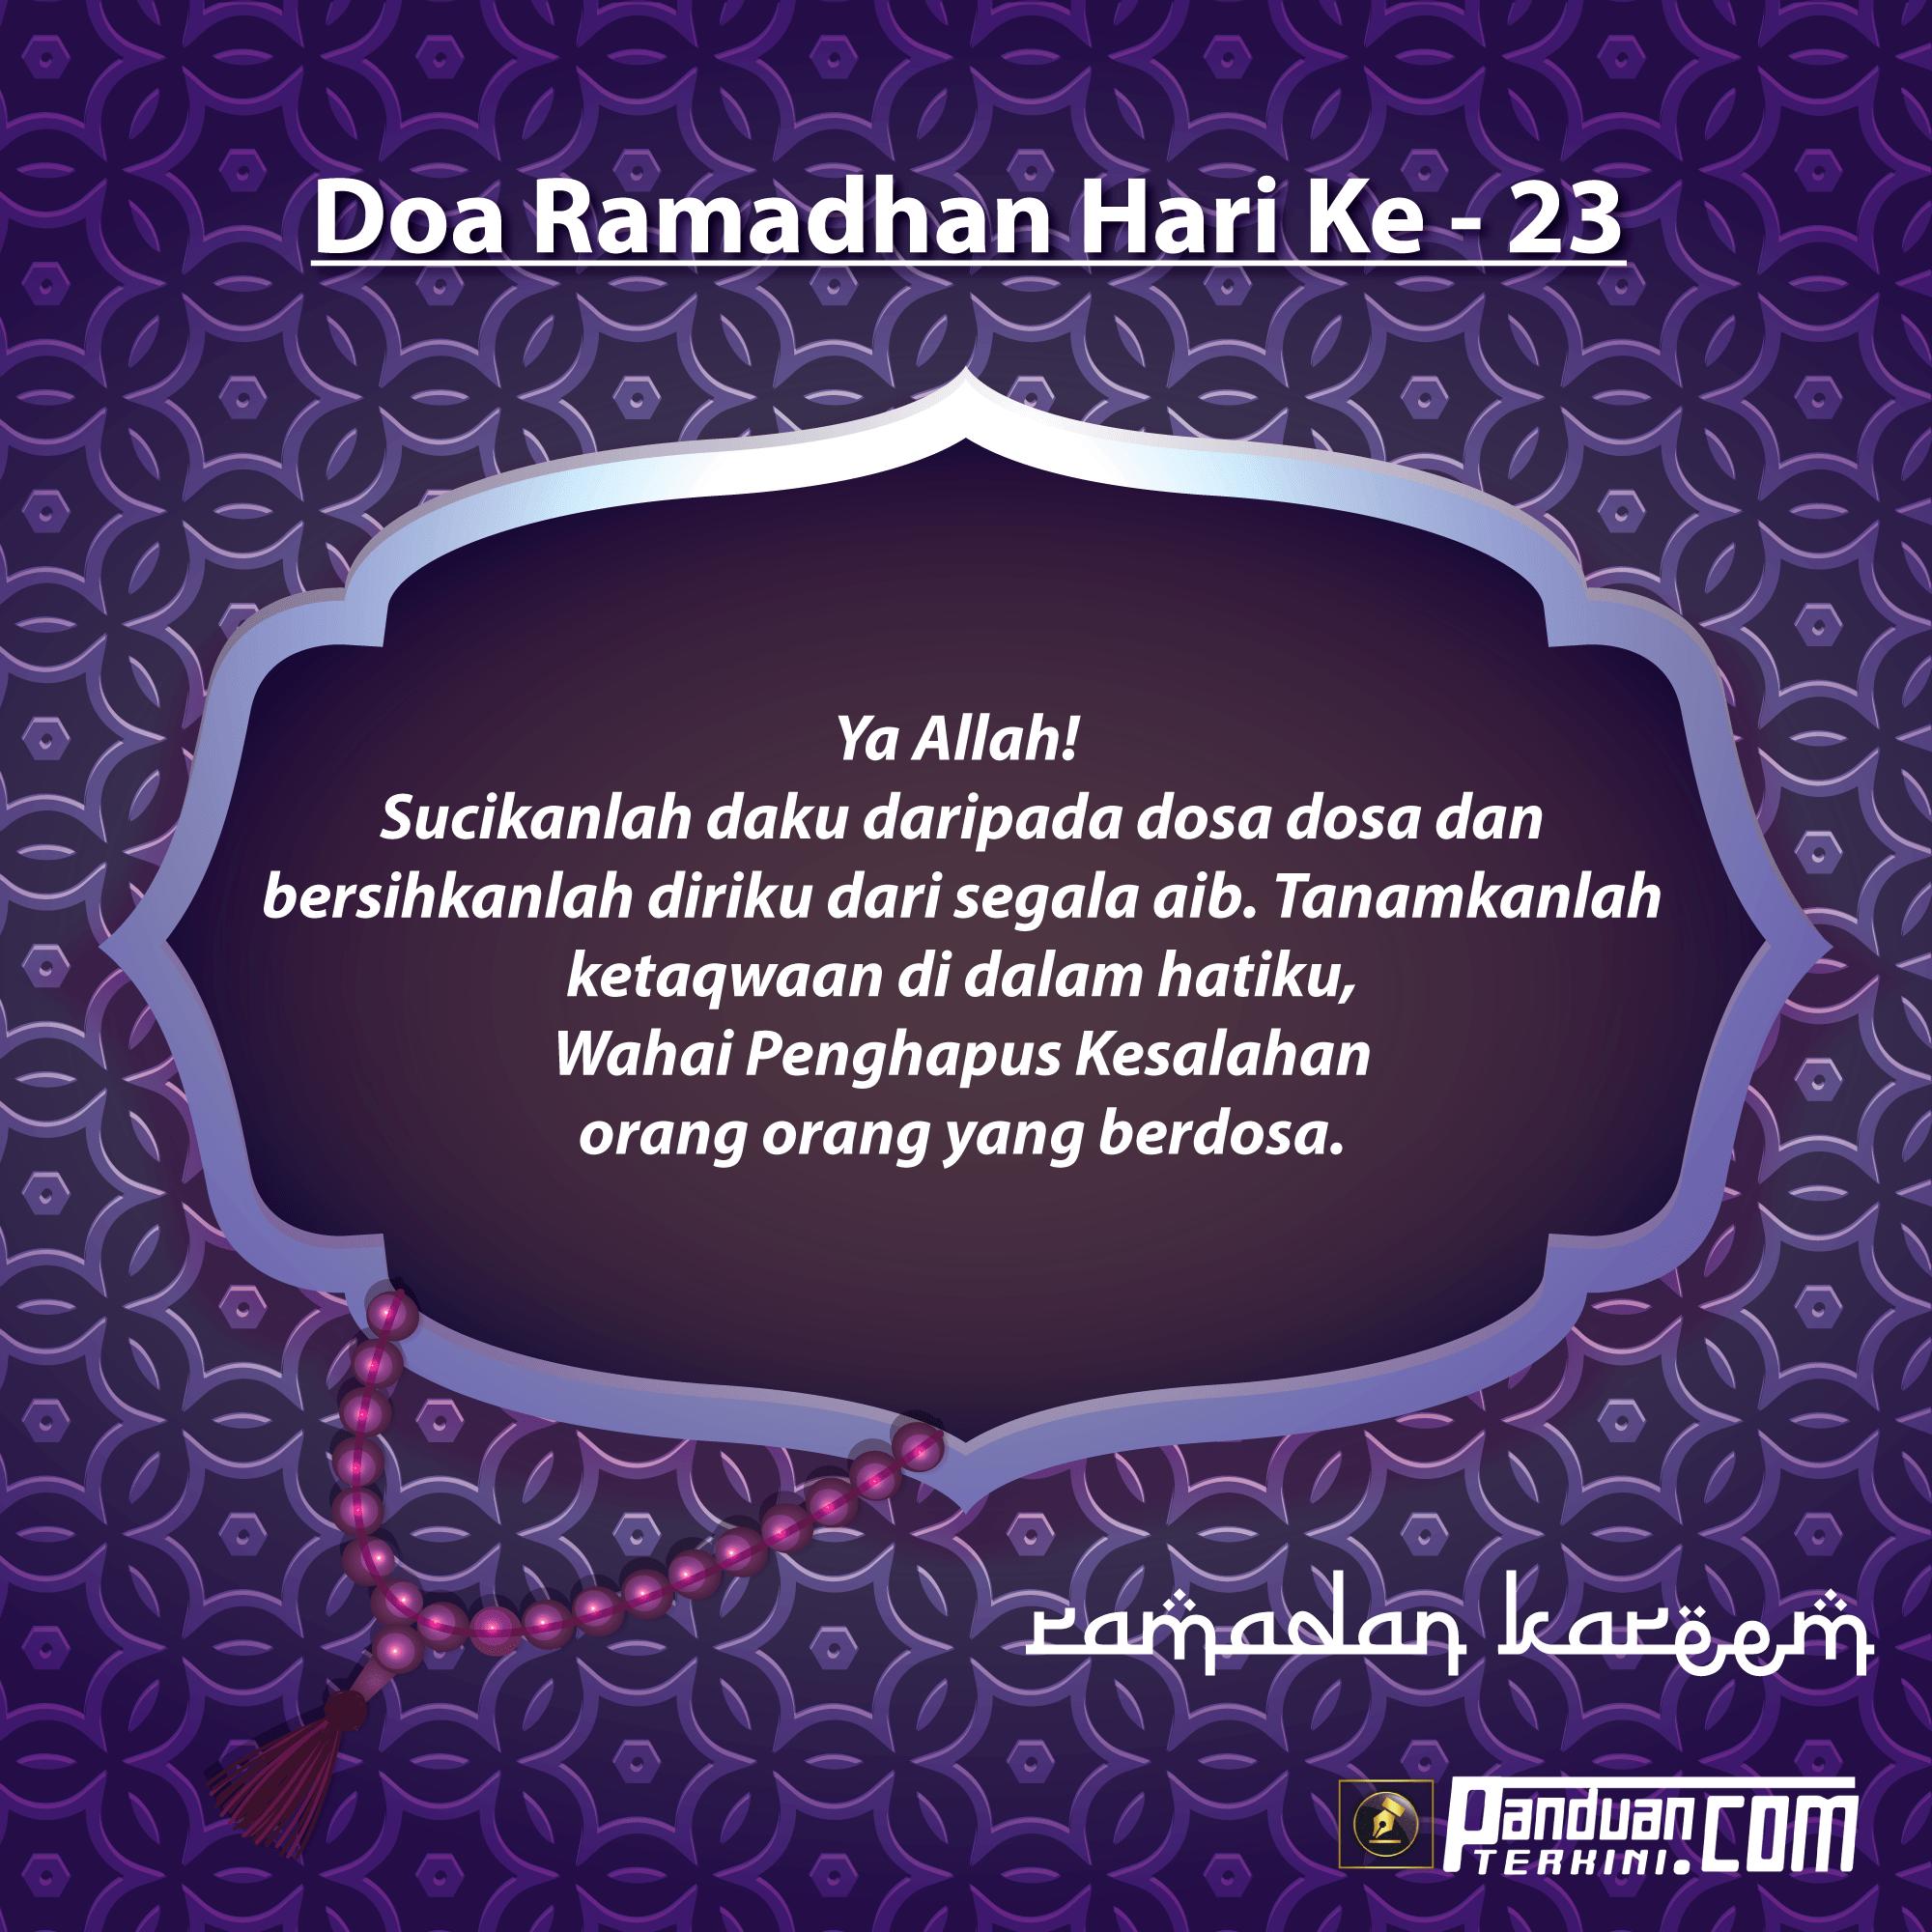 Doa Ramadhan Hari Ke-23